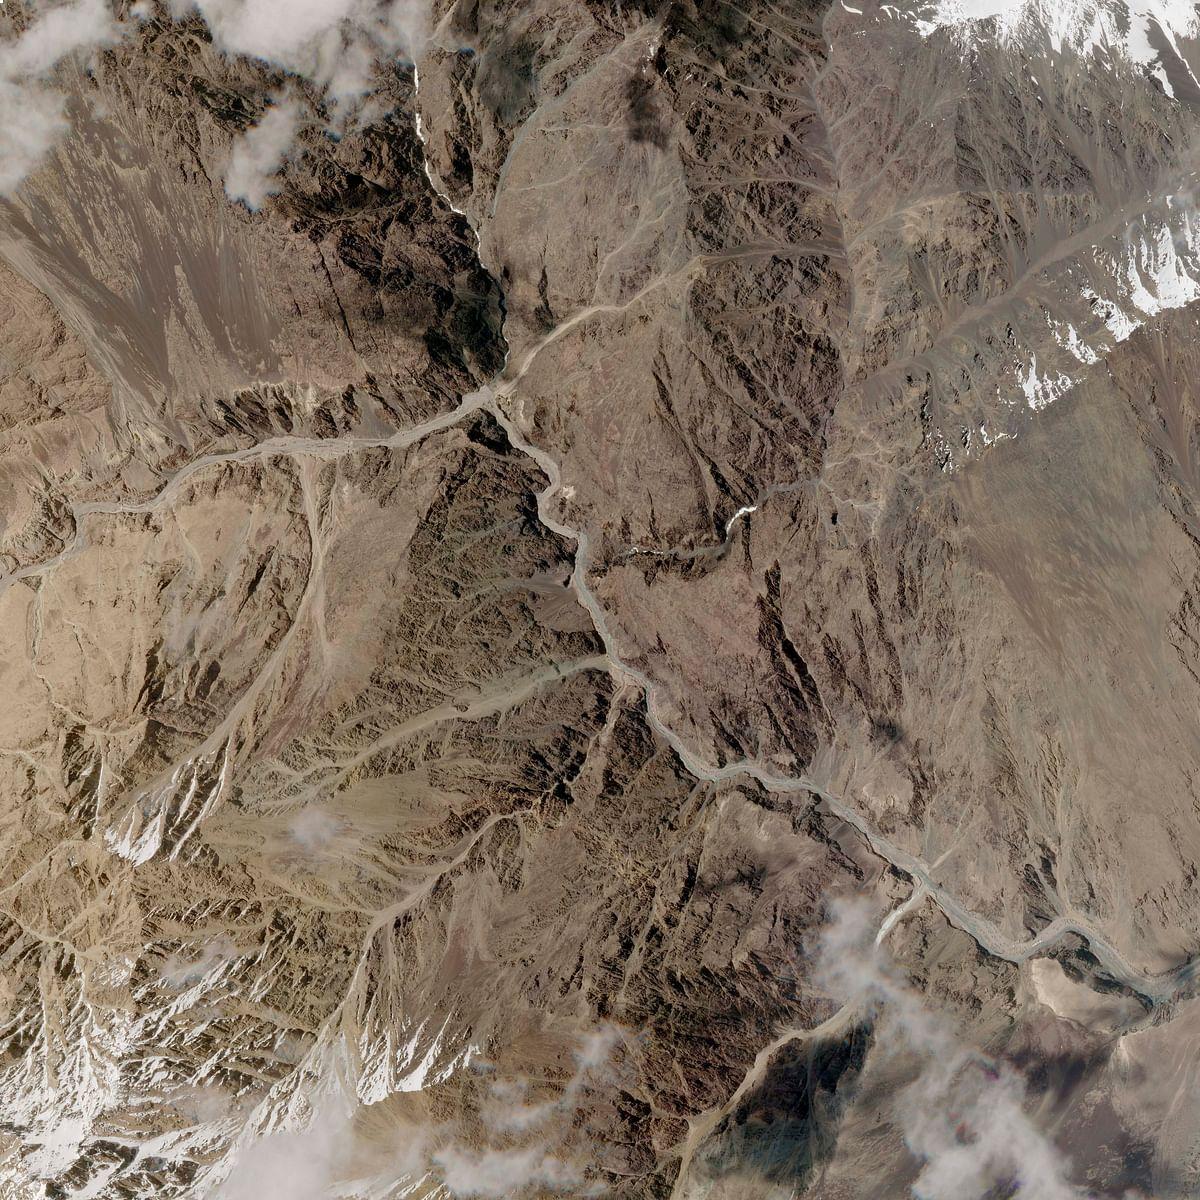 Satellite pix show China diverting Galwan river